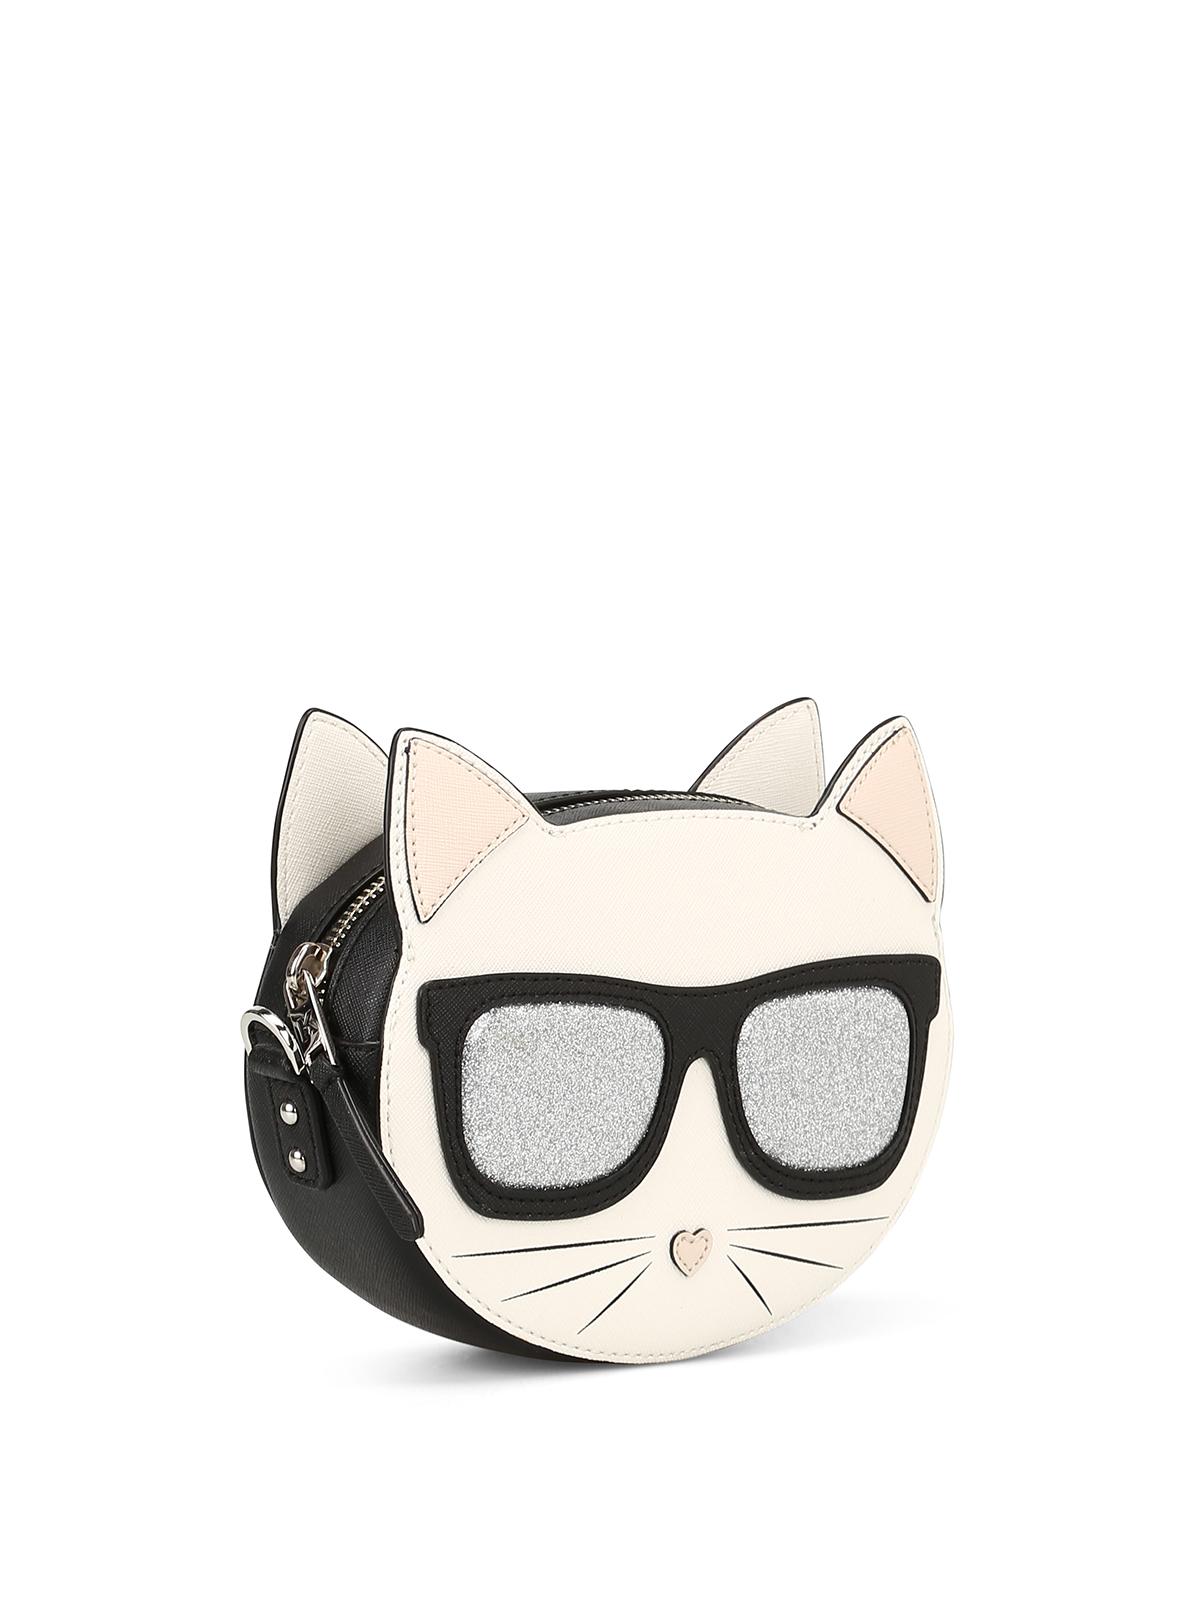 Karl Lagerfeld Lunettes De Soleil Choupette Traversent Le Sac De Corps 2018 Nouvelle Vente En Ligne À Jour De Haute Qualité Pas Cher En Ligne vrESJ